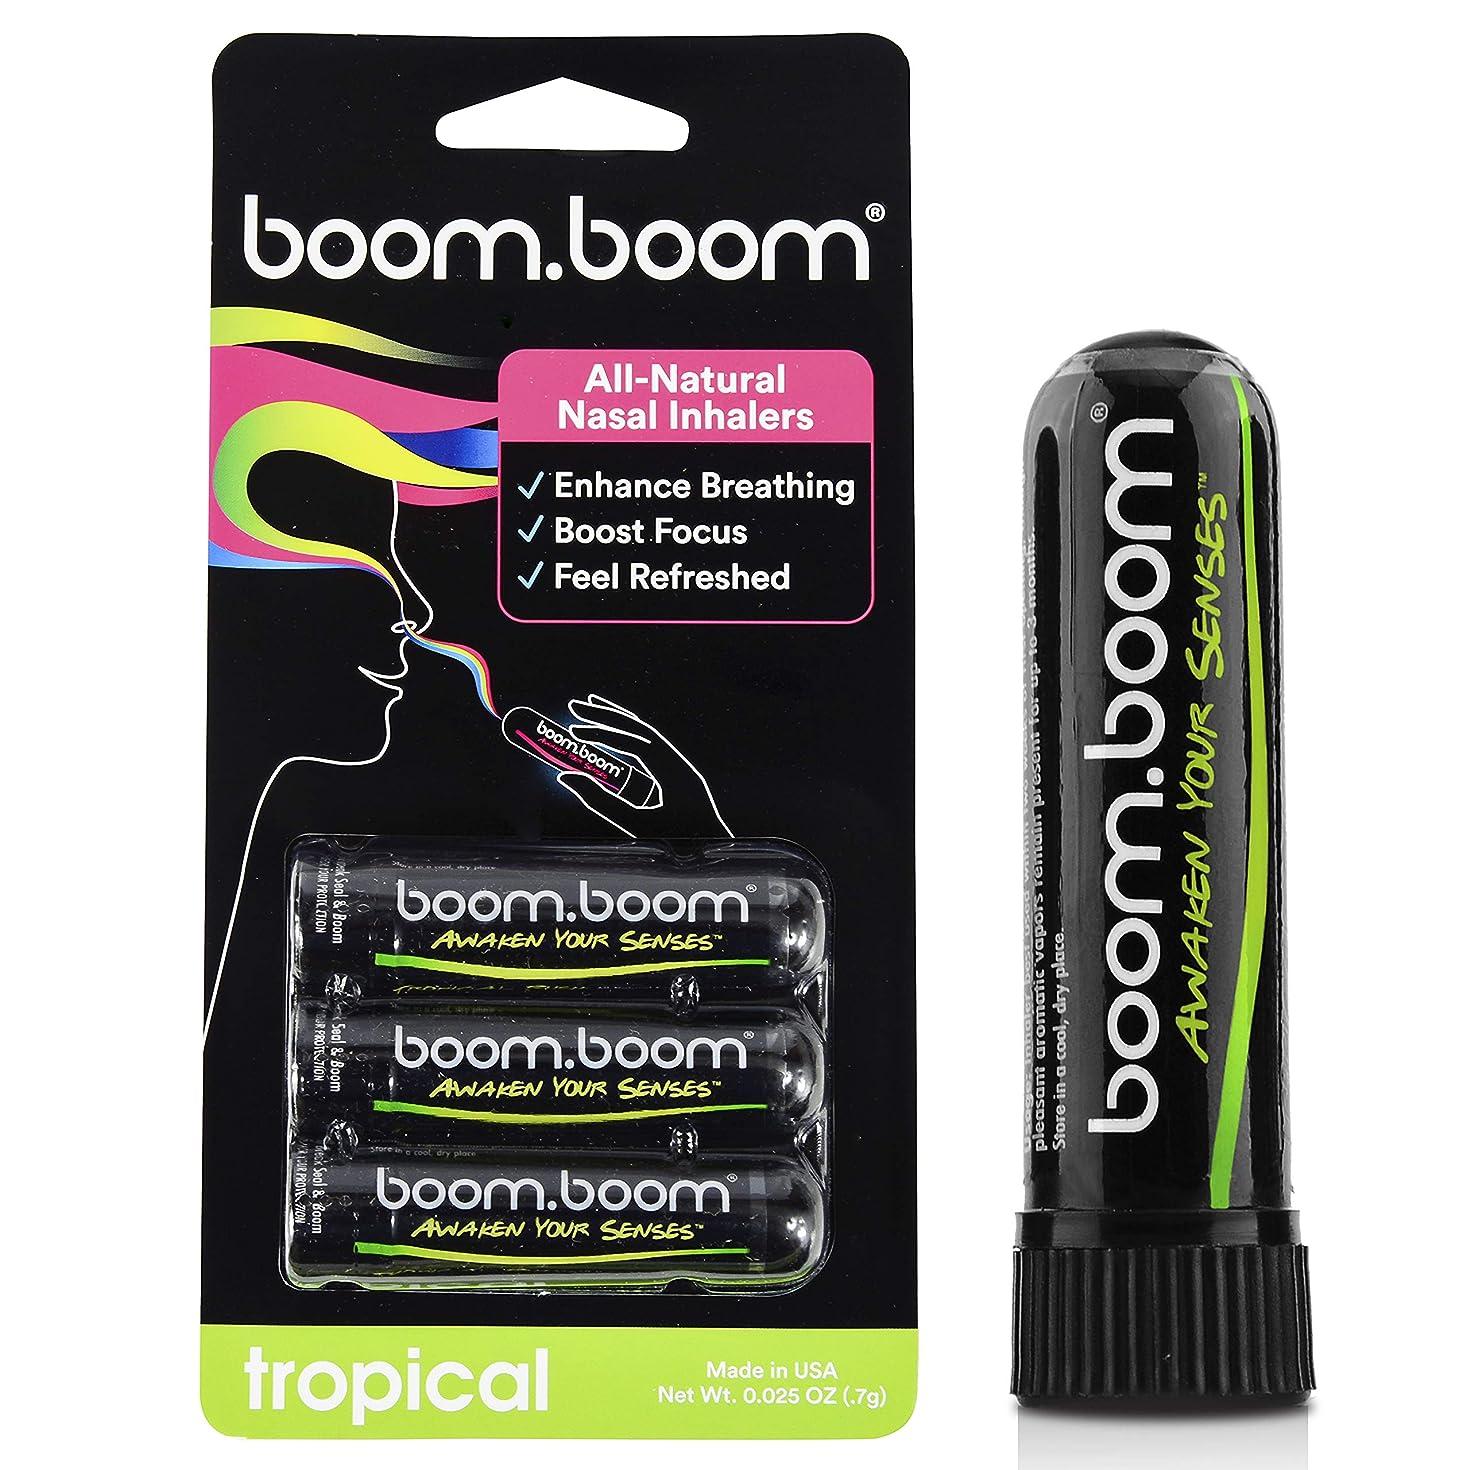 集まる知覚できるぶどうアロマテラピー鼻吸入器(3パック)by BoomBoom | すべての自然植物療法エッセンシャルオイル気化器| Stuffy Noseからのインスタントリリーフ| 素晴らしいフレーバーメントール、ペパーミント、ユーカリ(バラエティーパック) (オレンジ+パッションフルーツ+マンゴ+レモン)